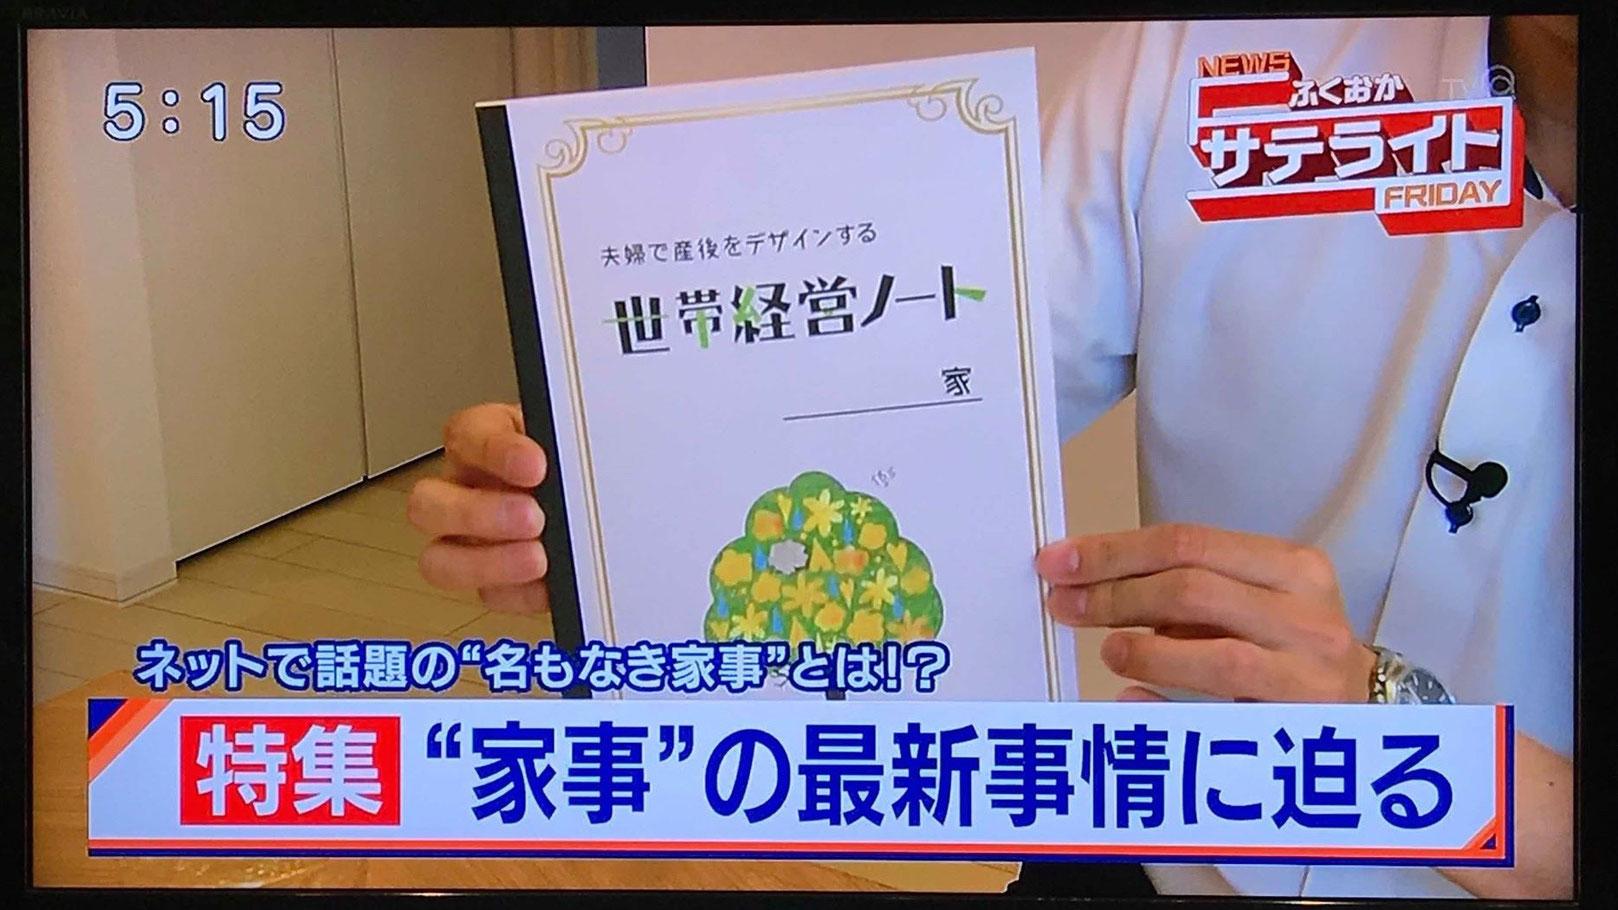 TVQ九州「ふくおかサテライト」家事特集で夫婦会議ツール「世帯経営ノート」をご紹介いただきました